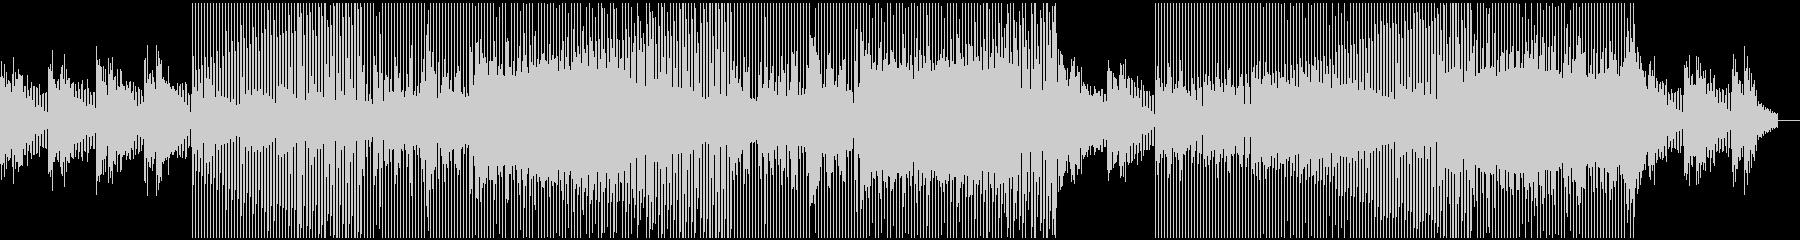 優しい音色で包まれるドリーミーなハウスの未再生の波形